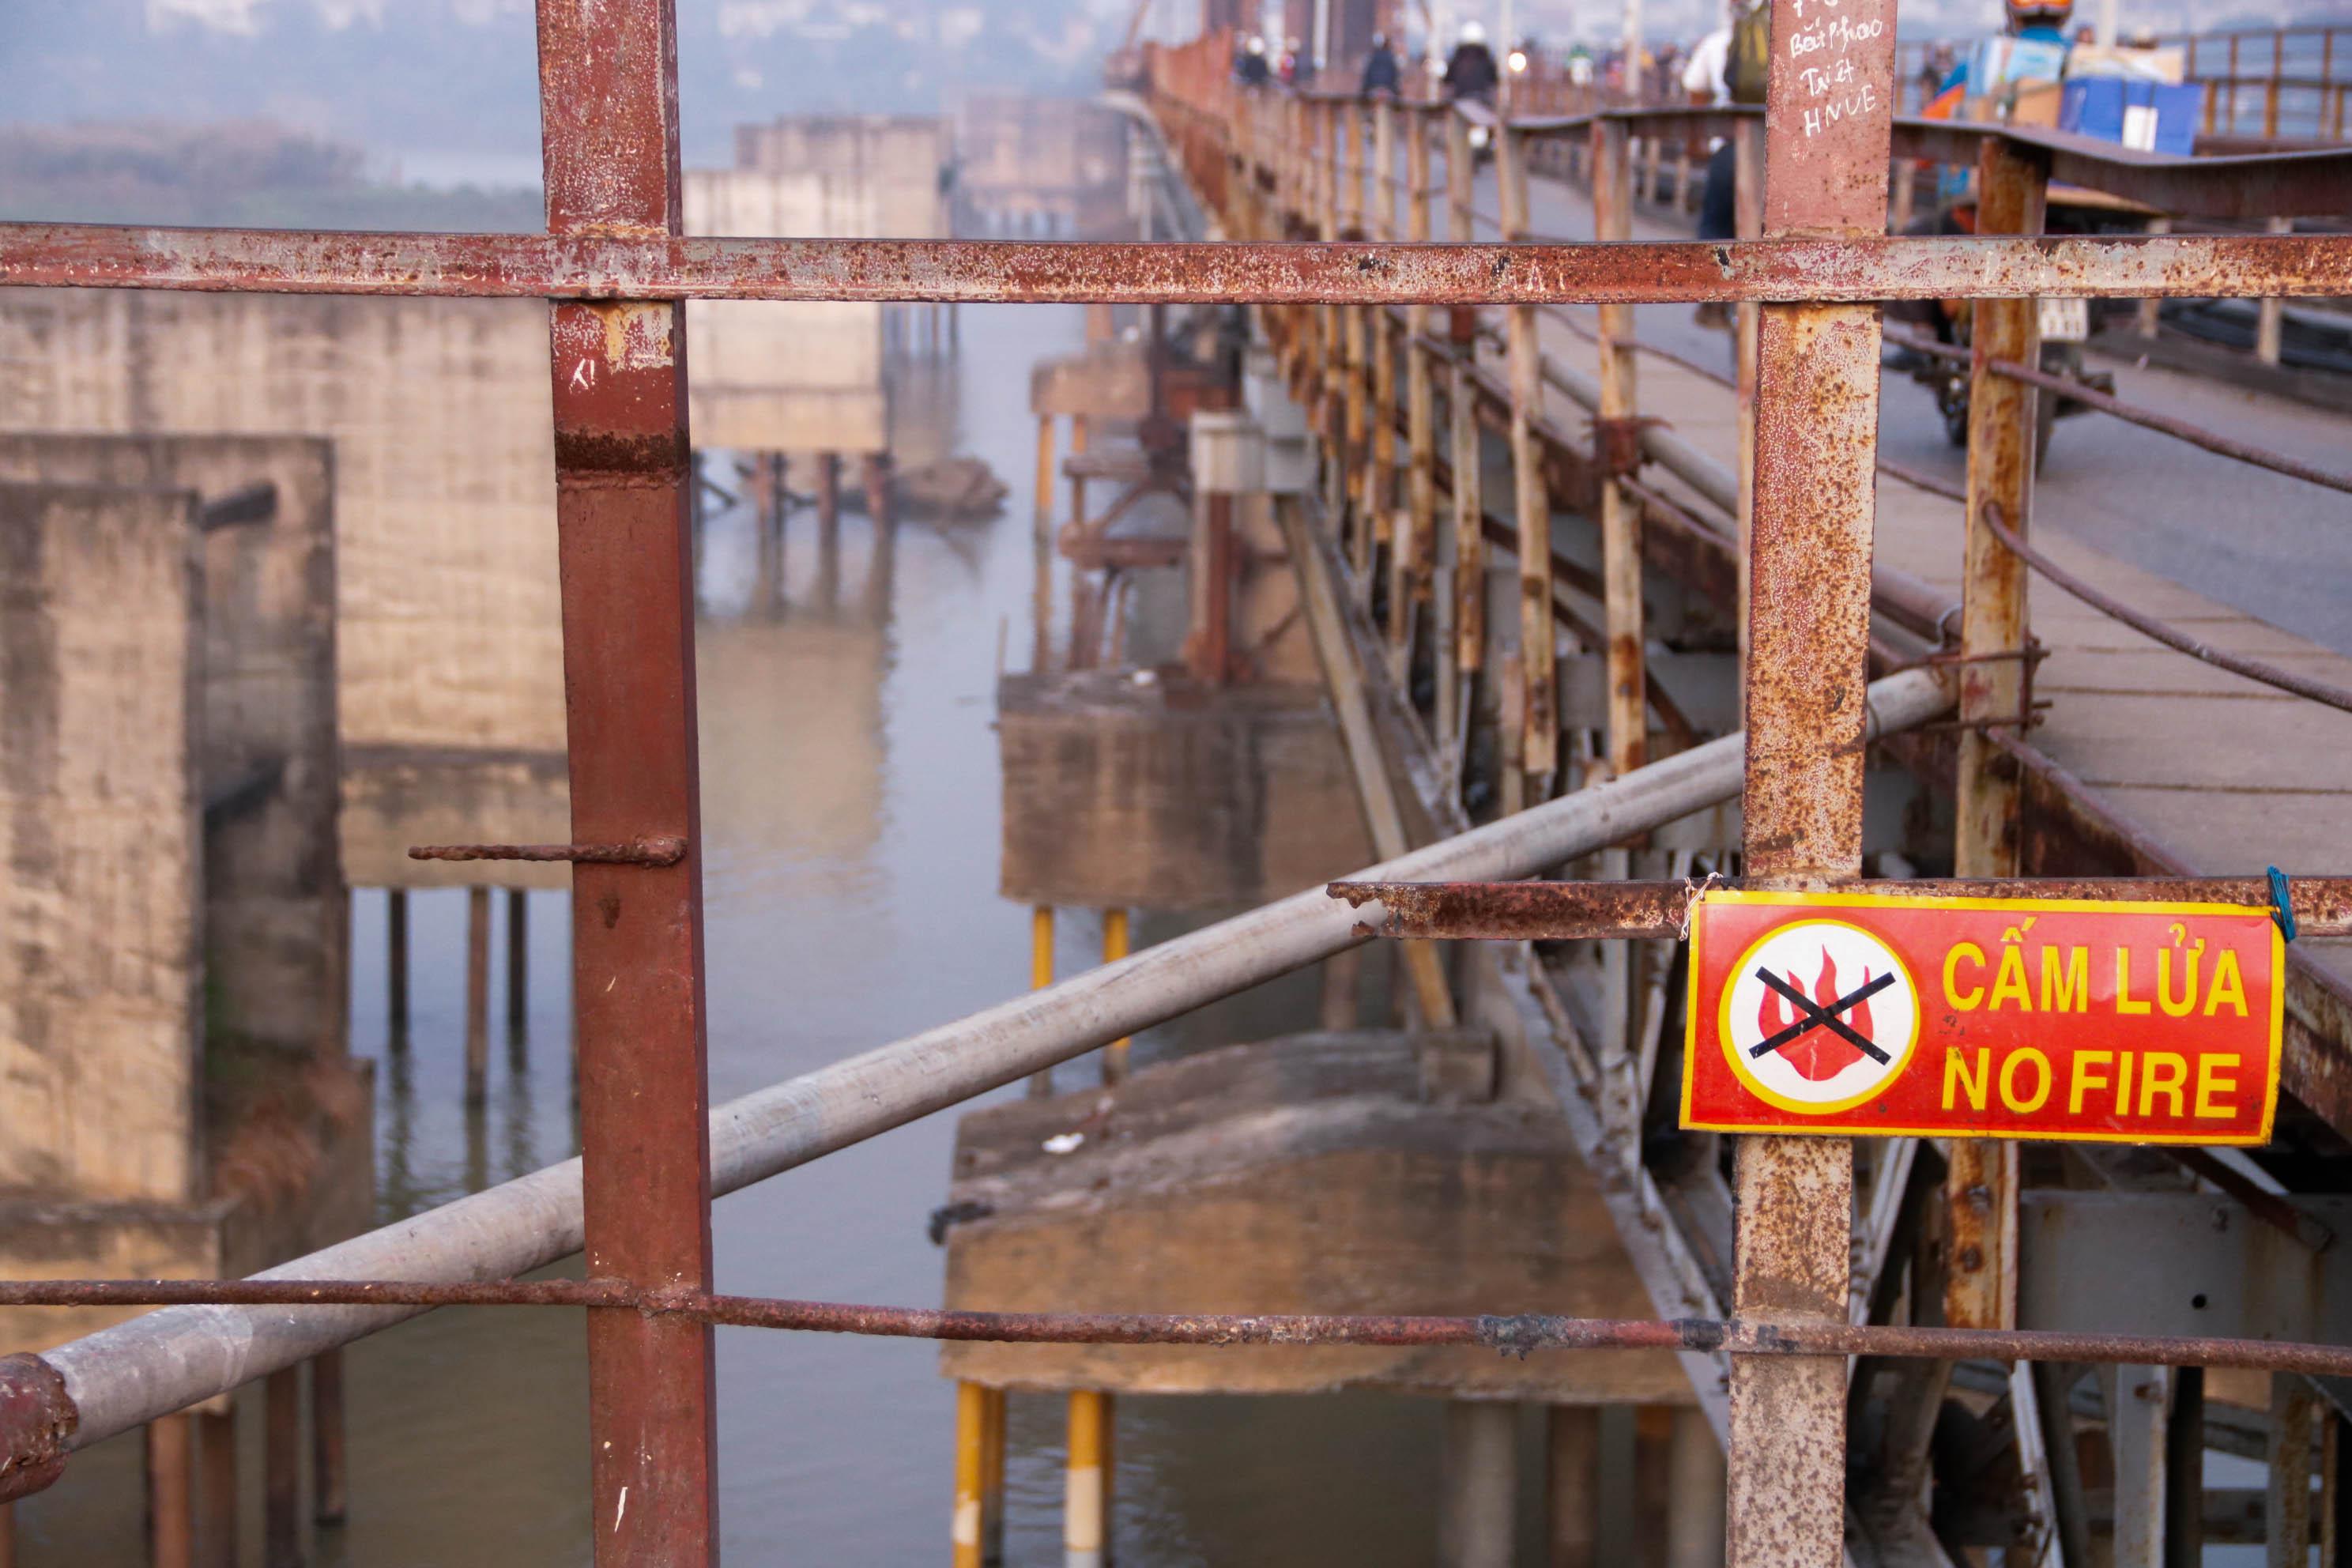 Cầu Long Biên xuống cấp đến không ngờ, mặt đường bị cày xới khiến người dân đi lại gặp nhiều khó khăn - Ảnh 15.